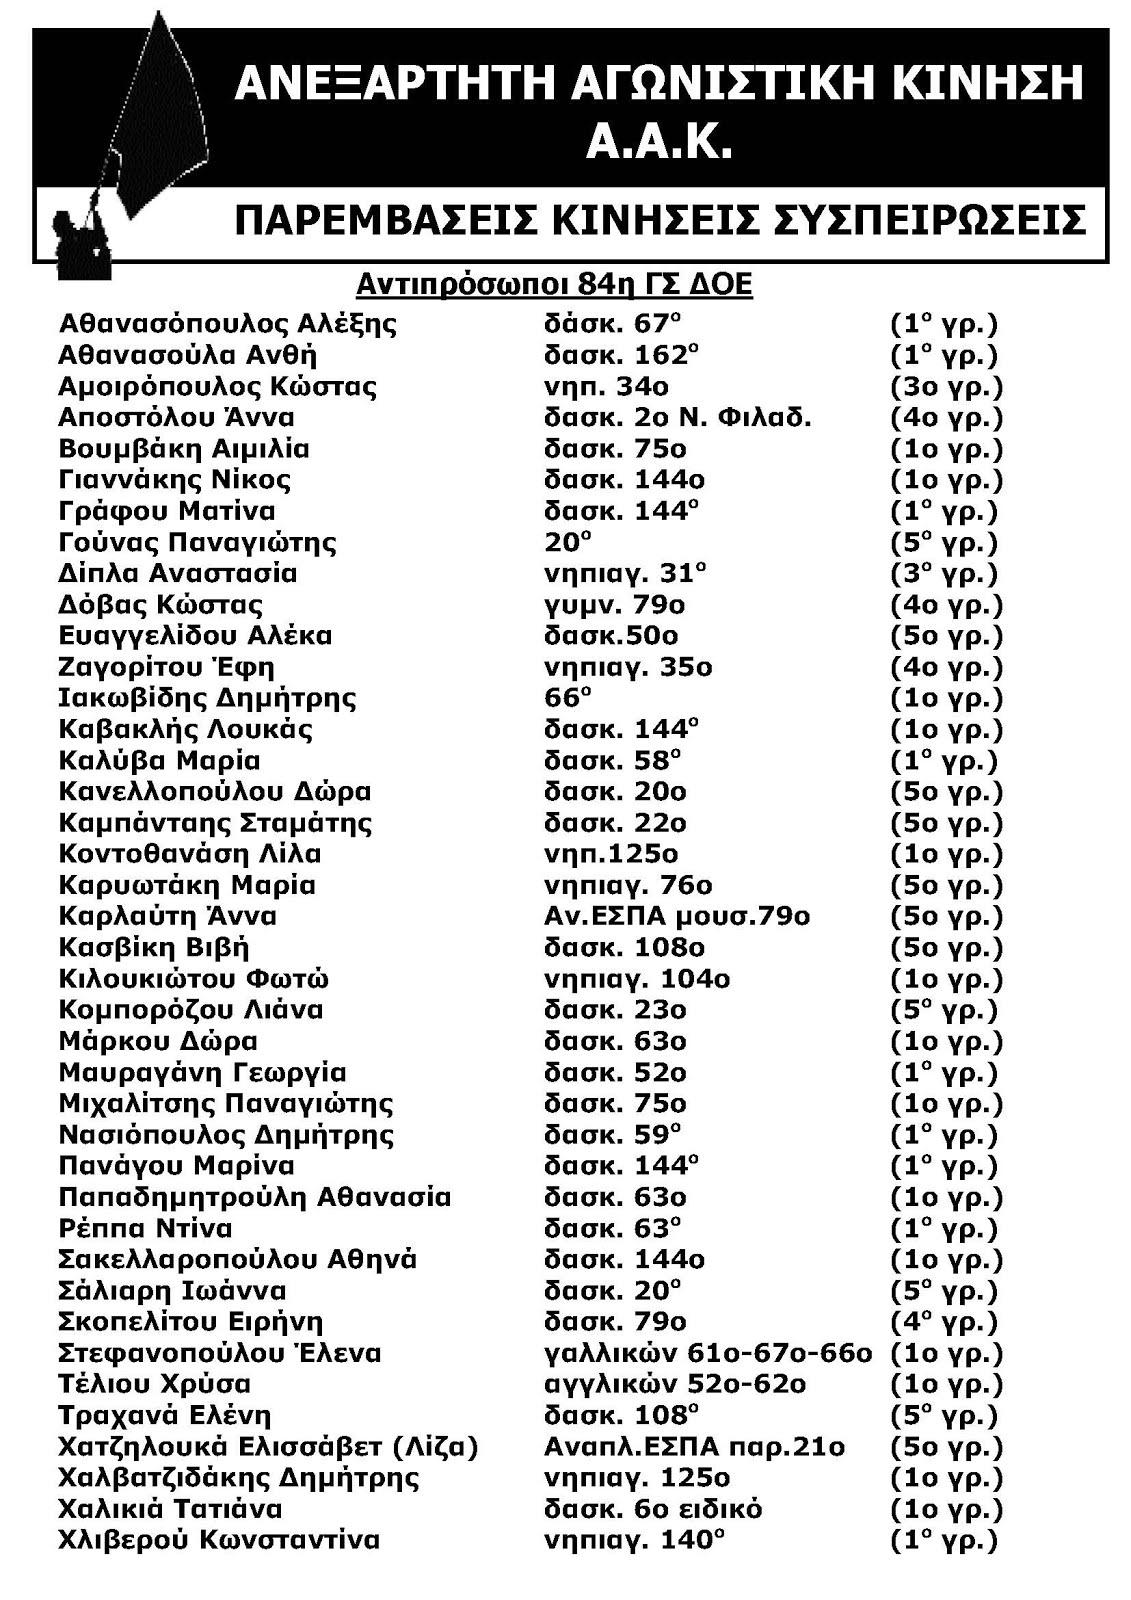 Ψηφοδέλτιο της ΑΑΚ για την 84η ΓΣ